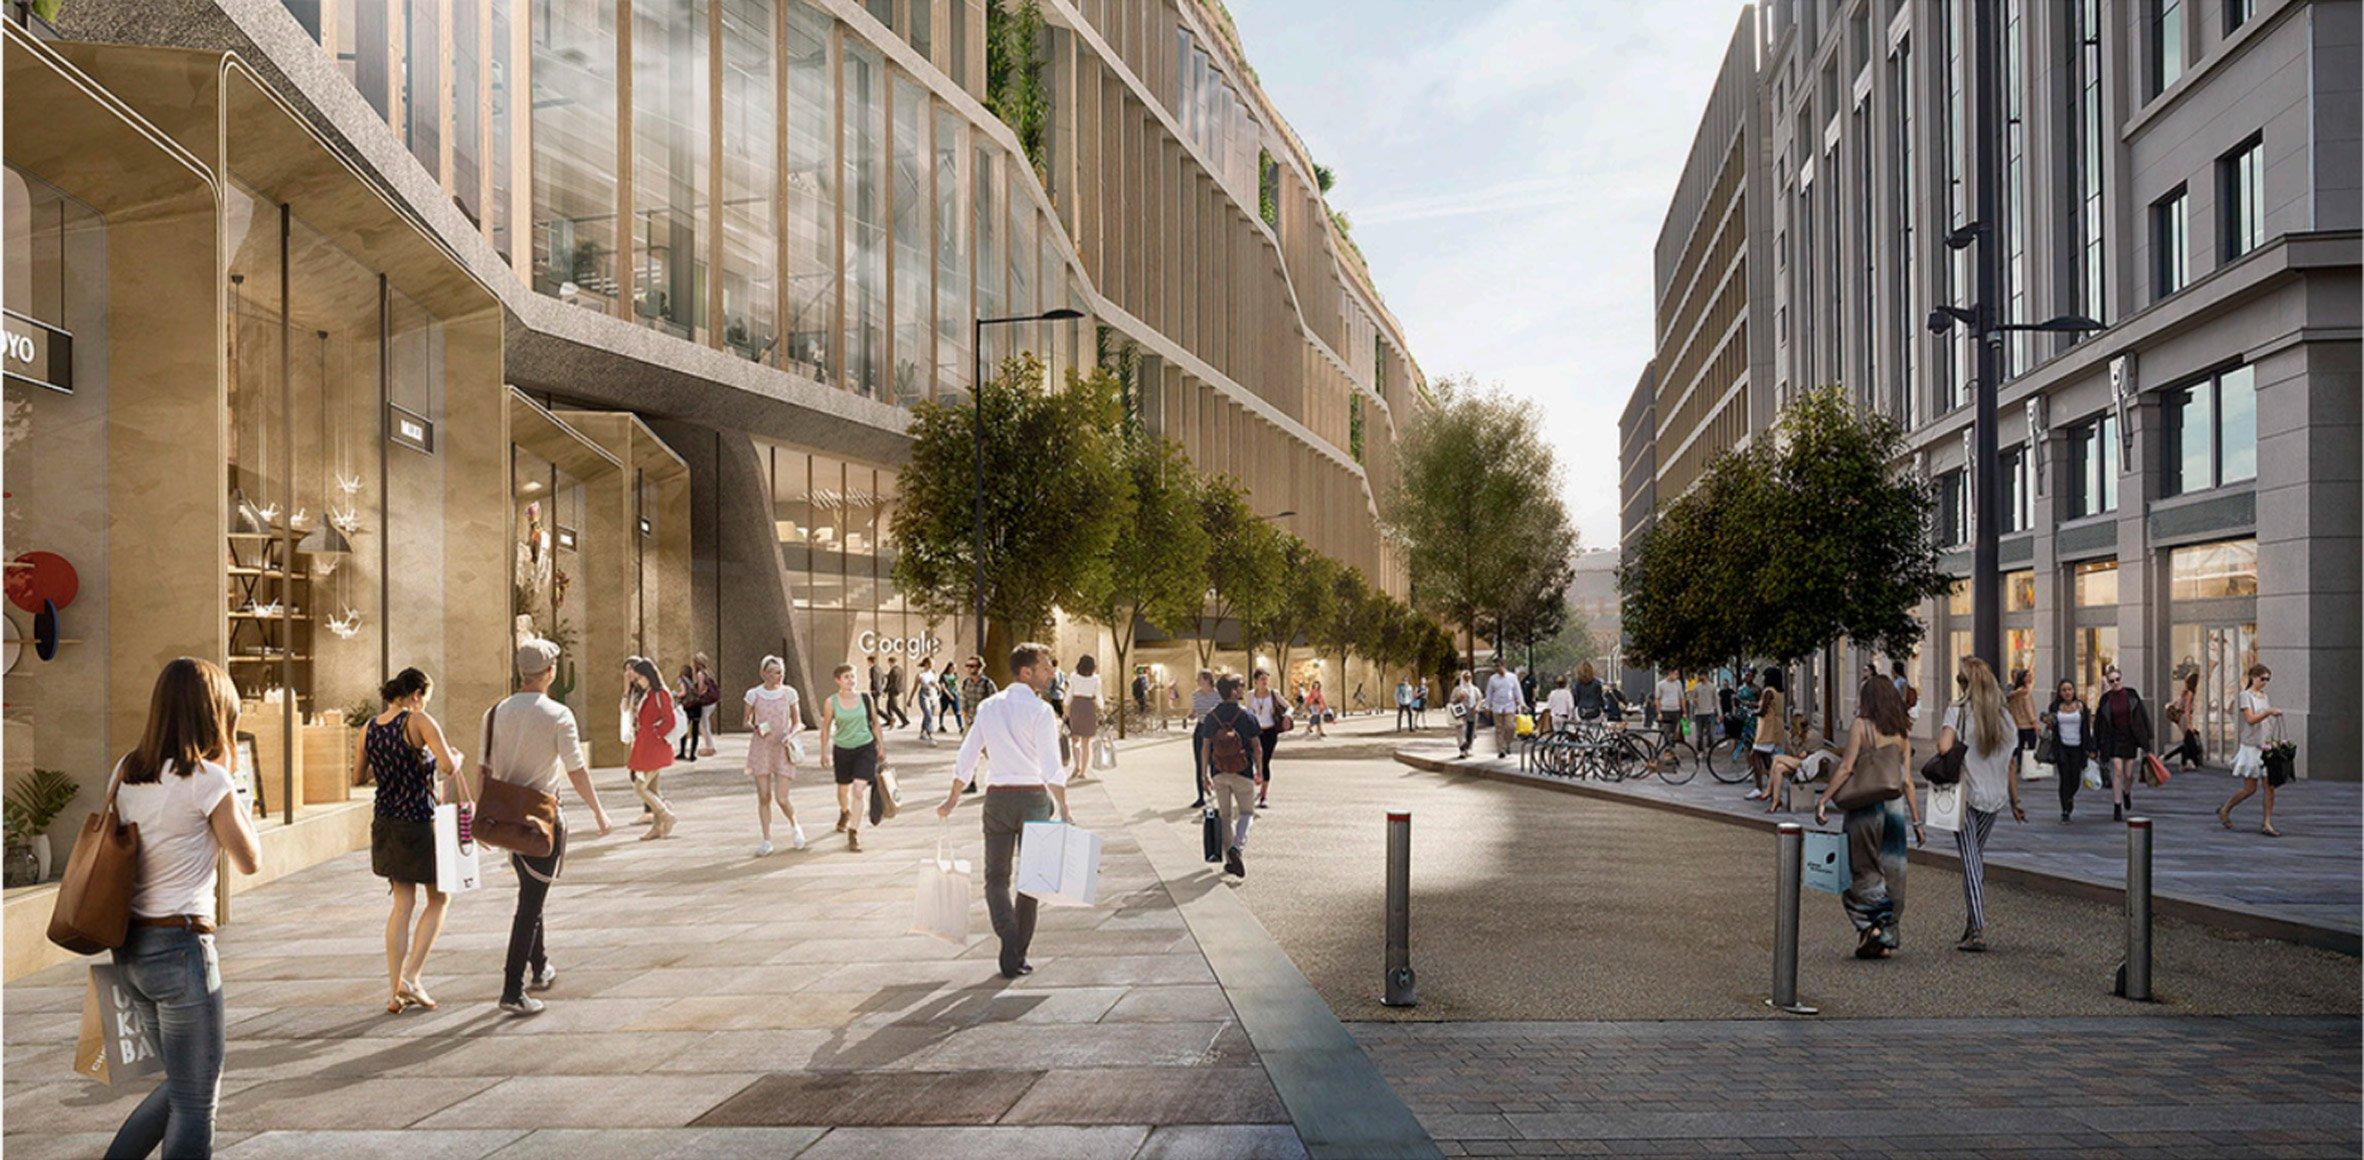 Мэр Лондона Садик Хан рад тому, чтоGoogle выбрал столицу Великобритании длястроительства штаб-квартиры. «Лондон—один измировых центров развития технологий,и, посколькудаже послеБрекзита инвестиции встолицу остаются значительными, расширение Google укрепит репутацию нашего города какмирового лидера всфере цифровых технологий»,— заявил политик